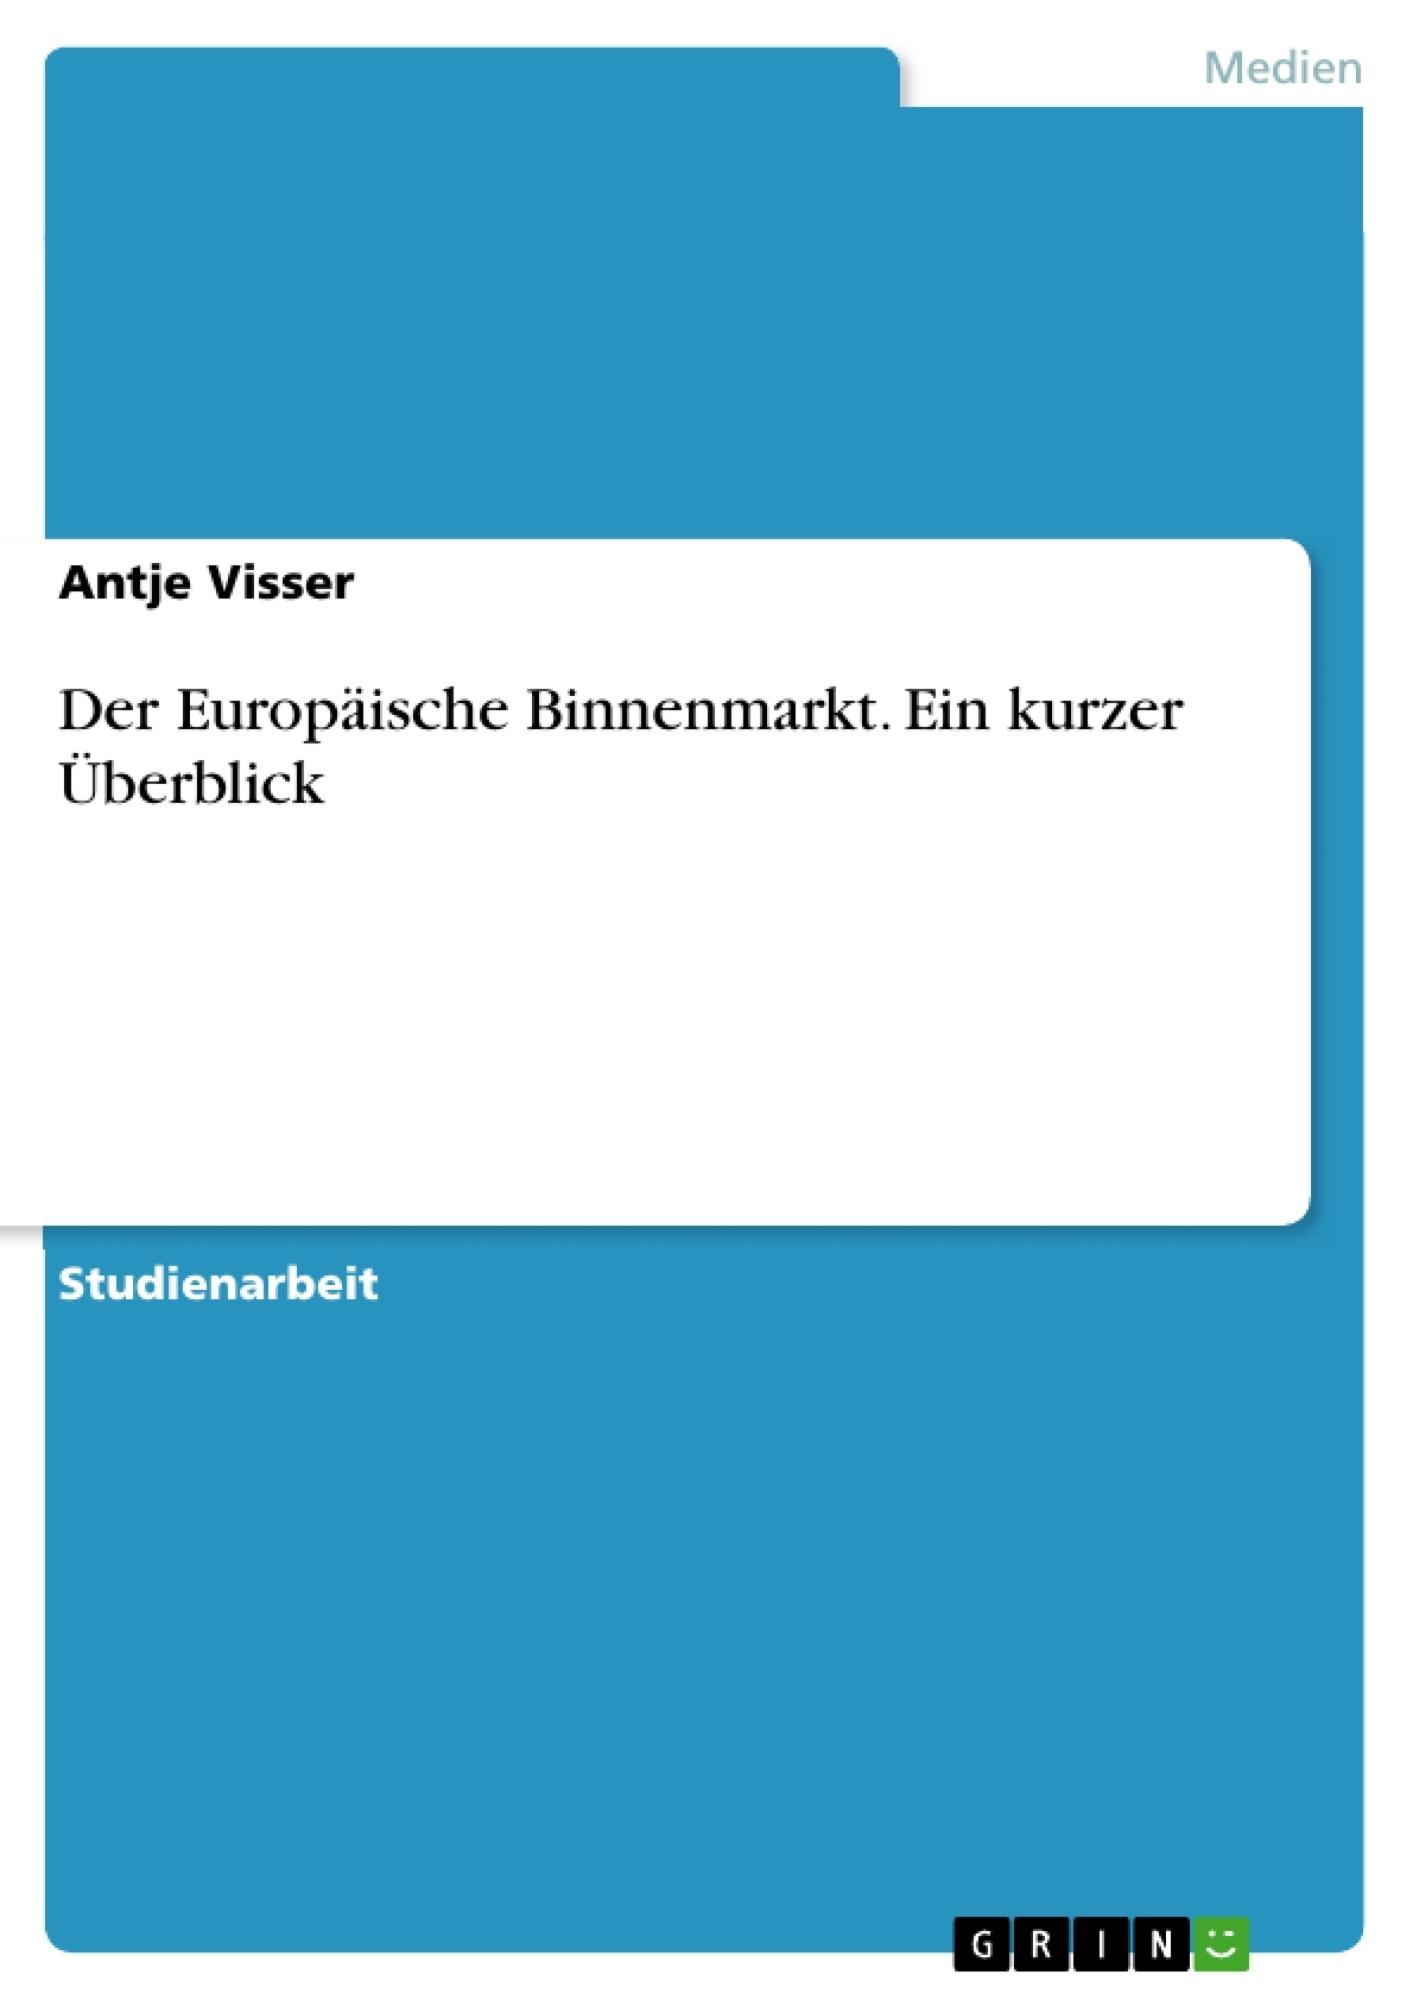 Titel: Der Europäische Binnenmarkt. Ein kurzer Überblick